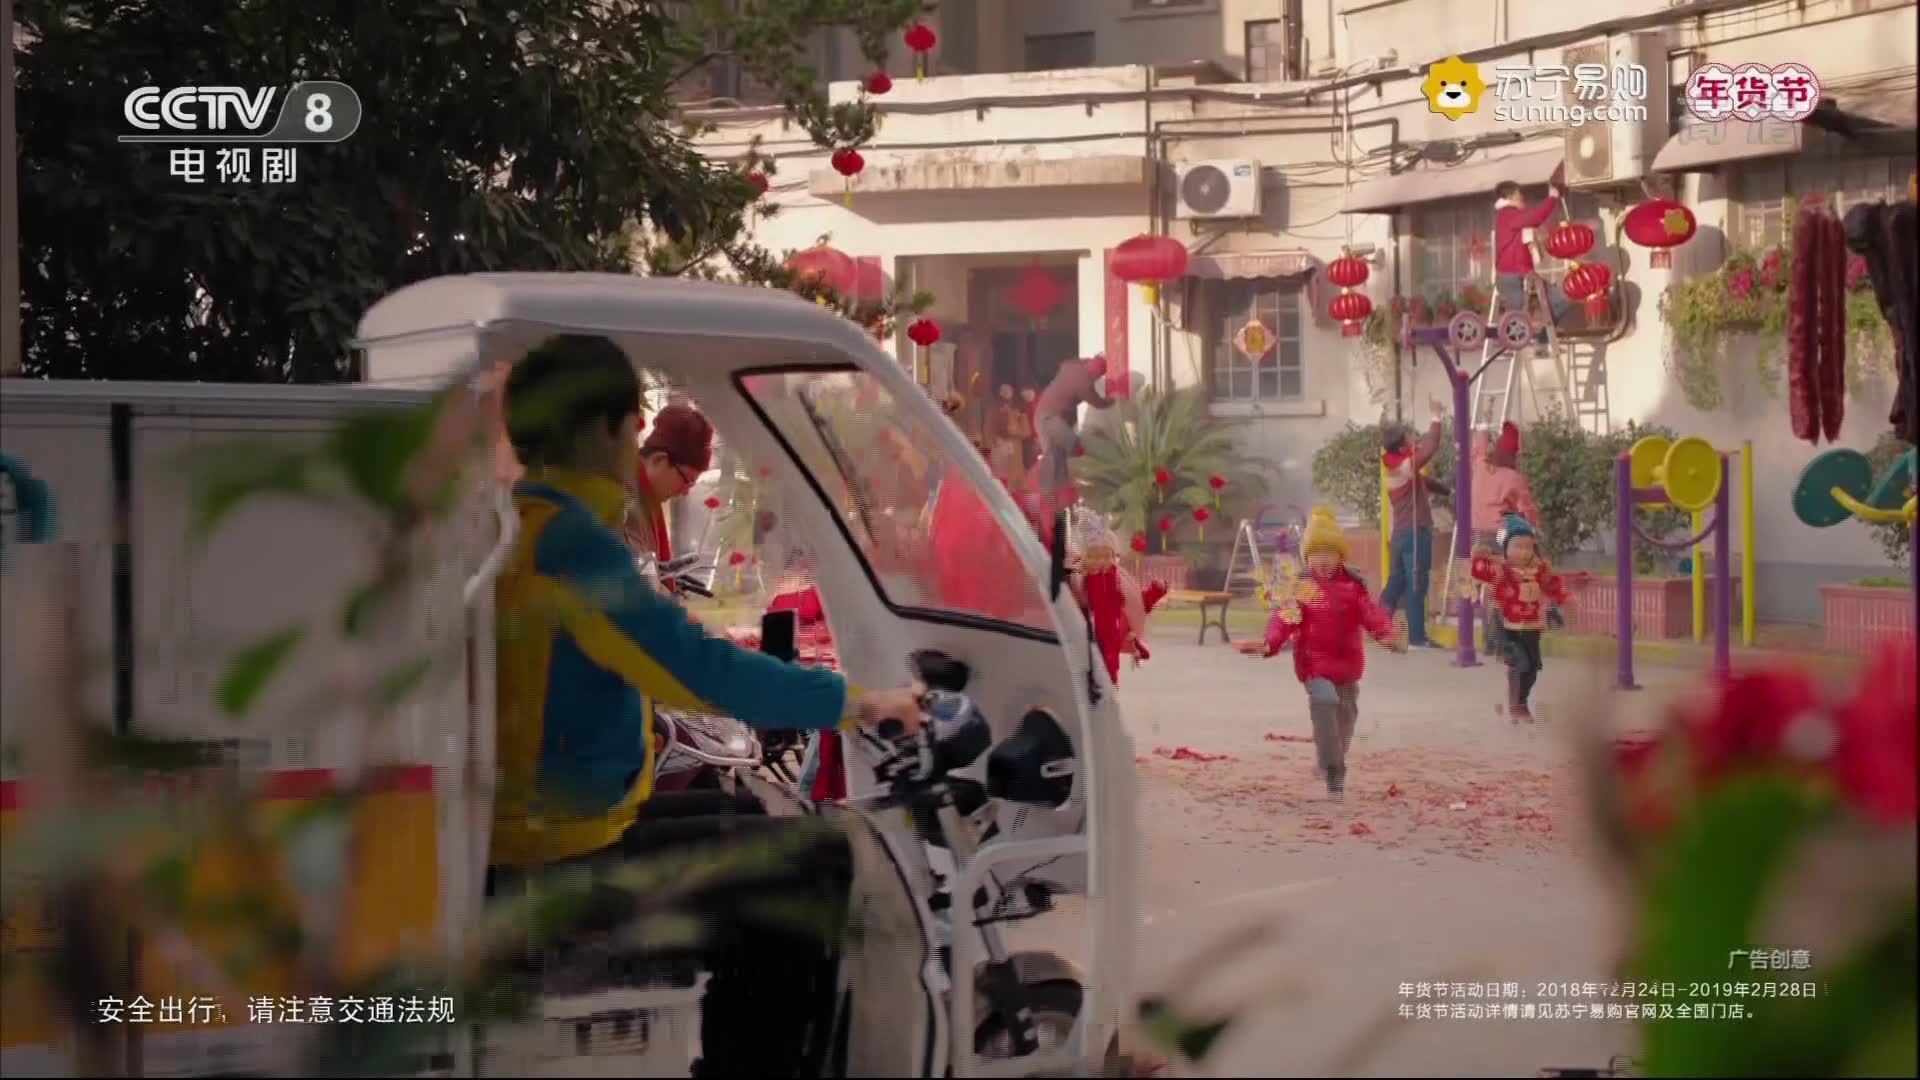 央视广告欣赏-苏宁易购年货节-2